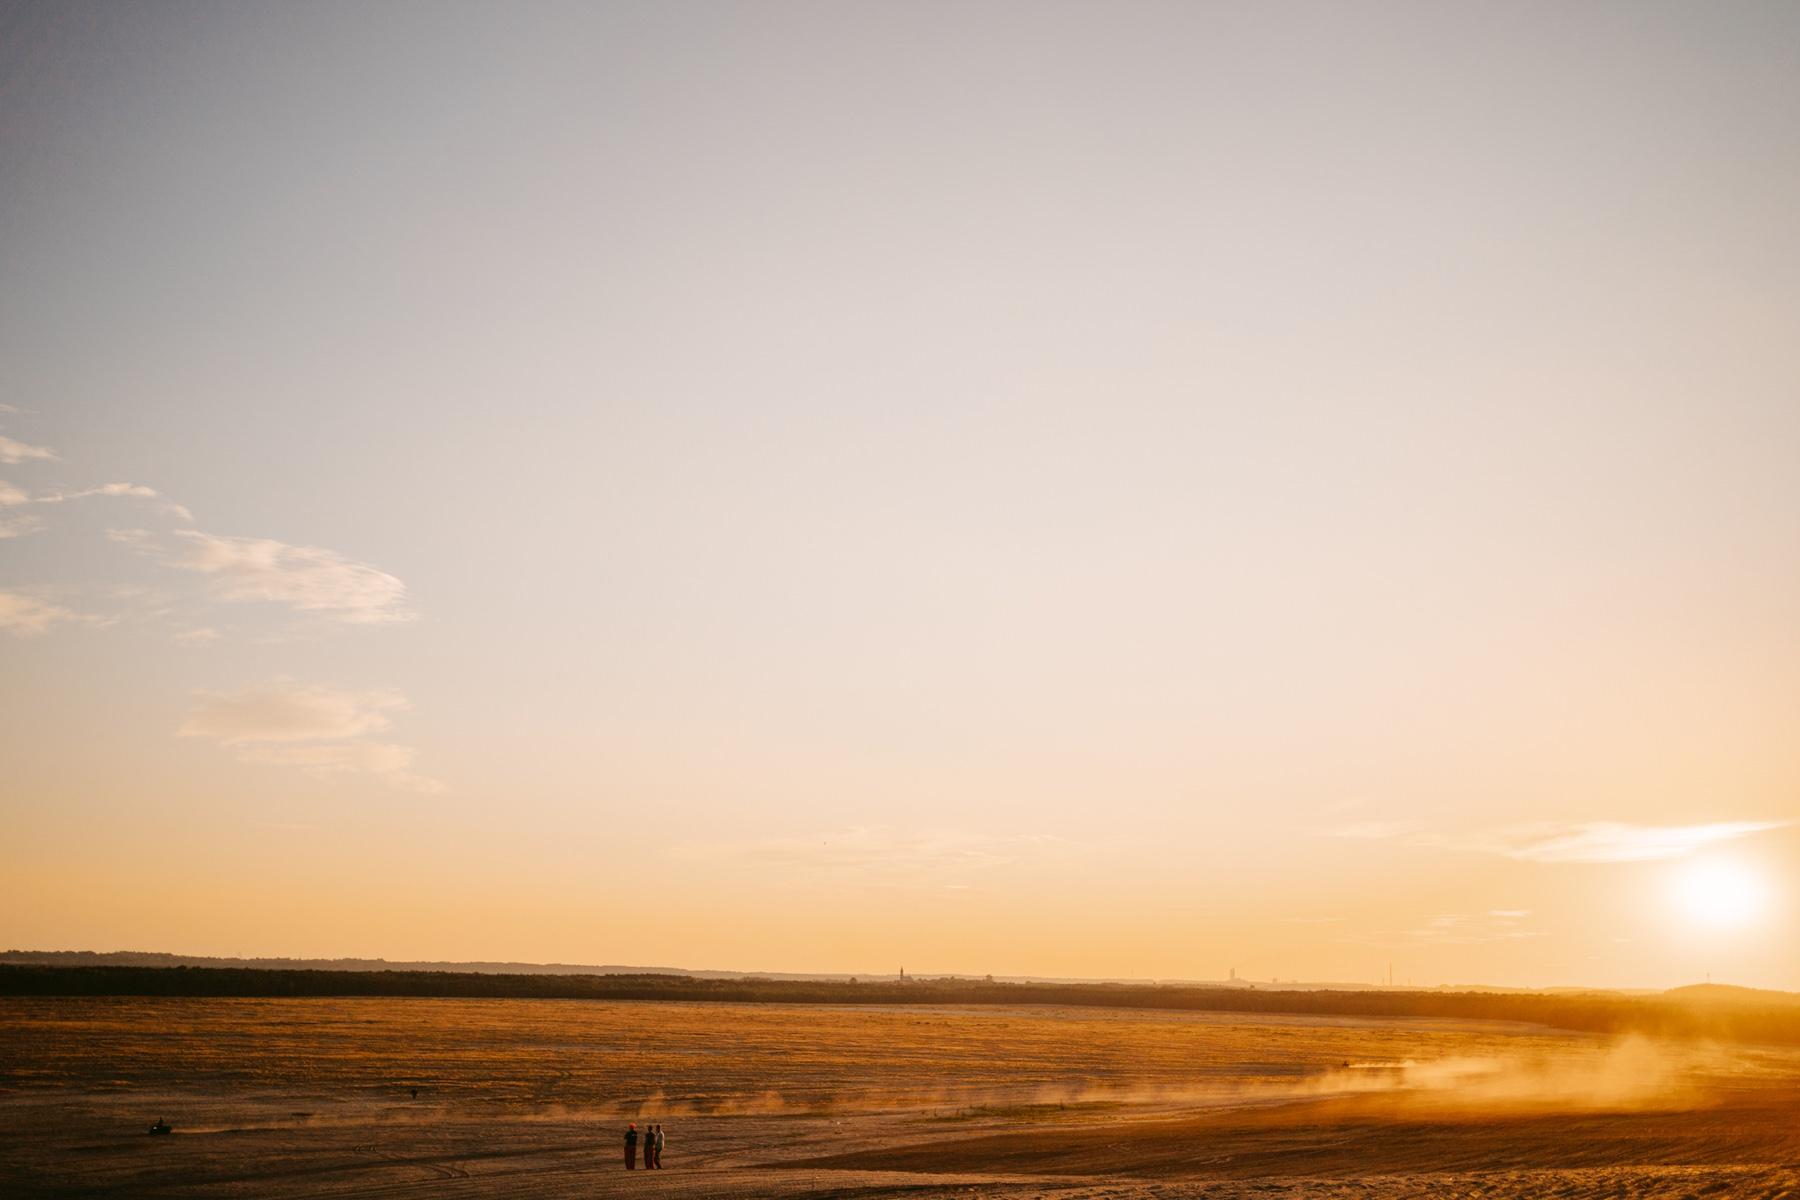 fotograf slubny krakow, zdjecia slubne krakow, fotograf slubny slask, plener slubny, zdjecia plenerowe, plenerowa sesja slubna, plener pustynia bledowska, plener pustynia błędowska, zdjęcia na pustyni, plenerowa sesja, energetyczna sesja plenerowa, plener ślubny, plener na jurze